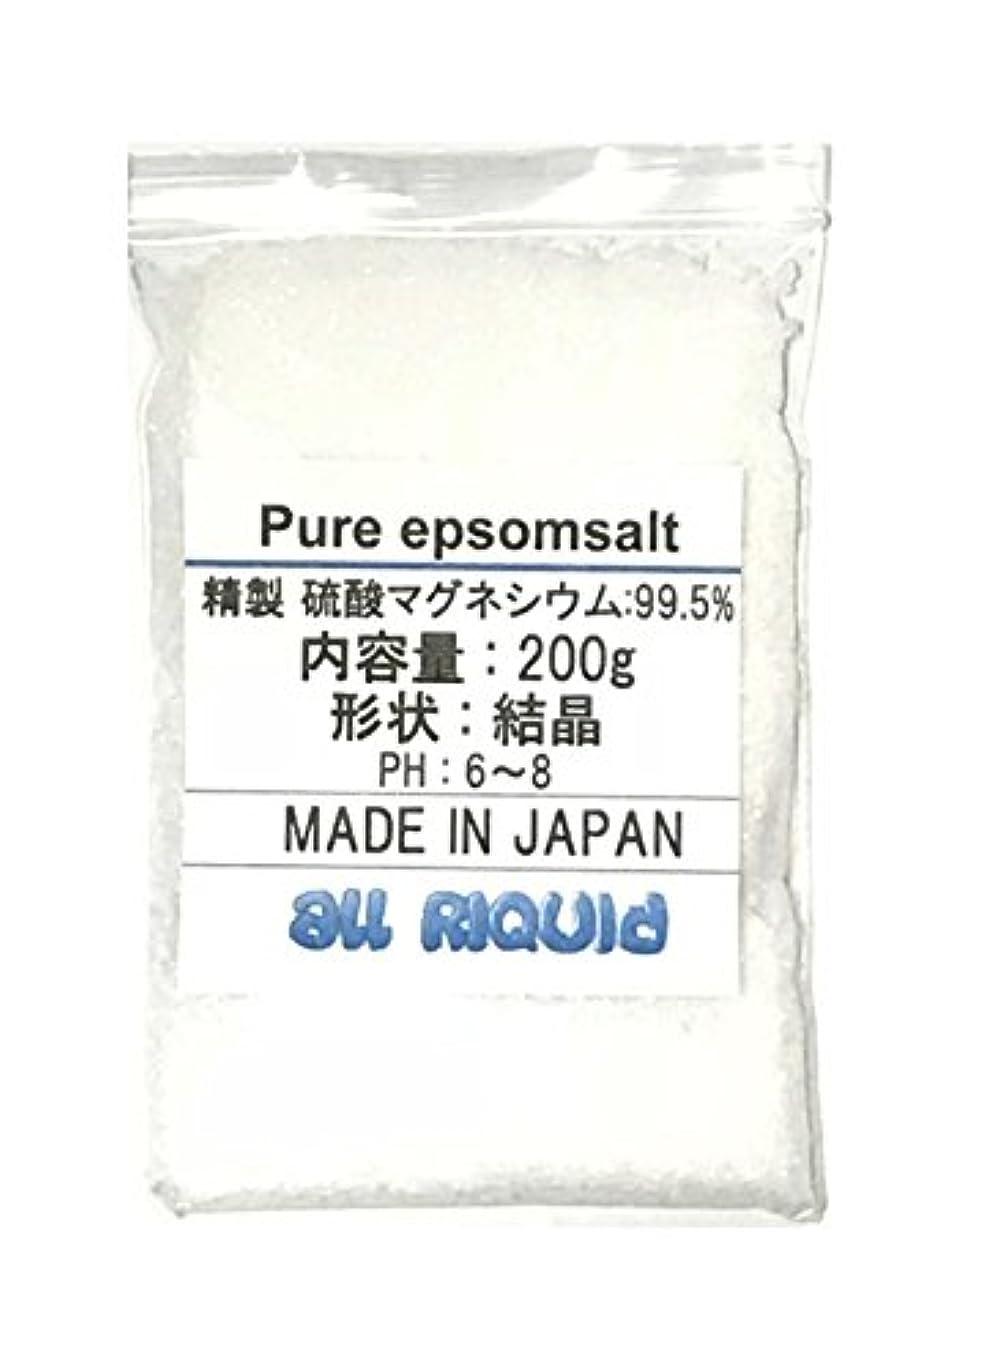 バーベキューパネル一時解雇する純 エプソム 無香料 200g (硫酸マグネシウム) 1回分 99.5% 国産品 オールリキッド